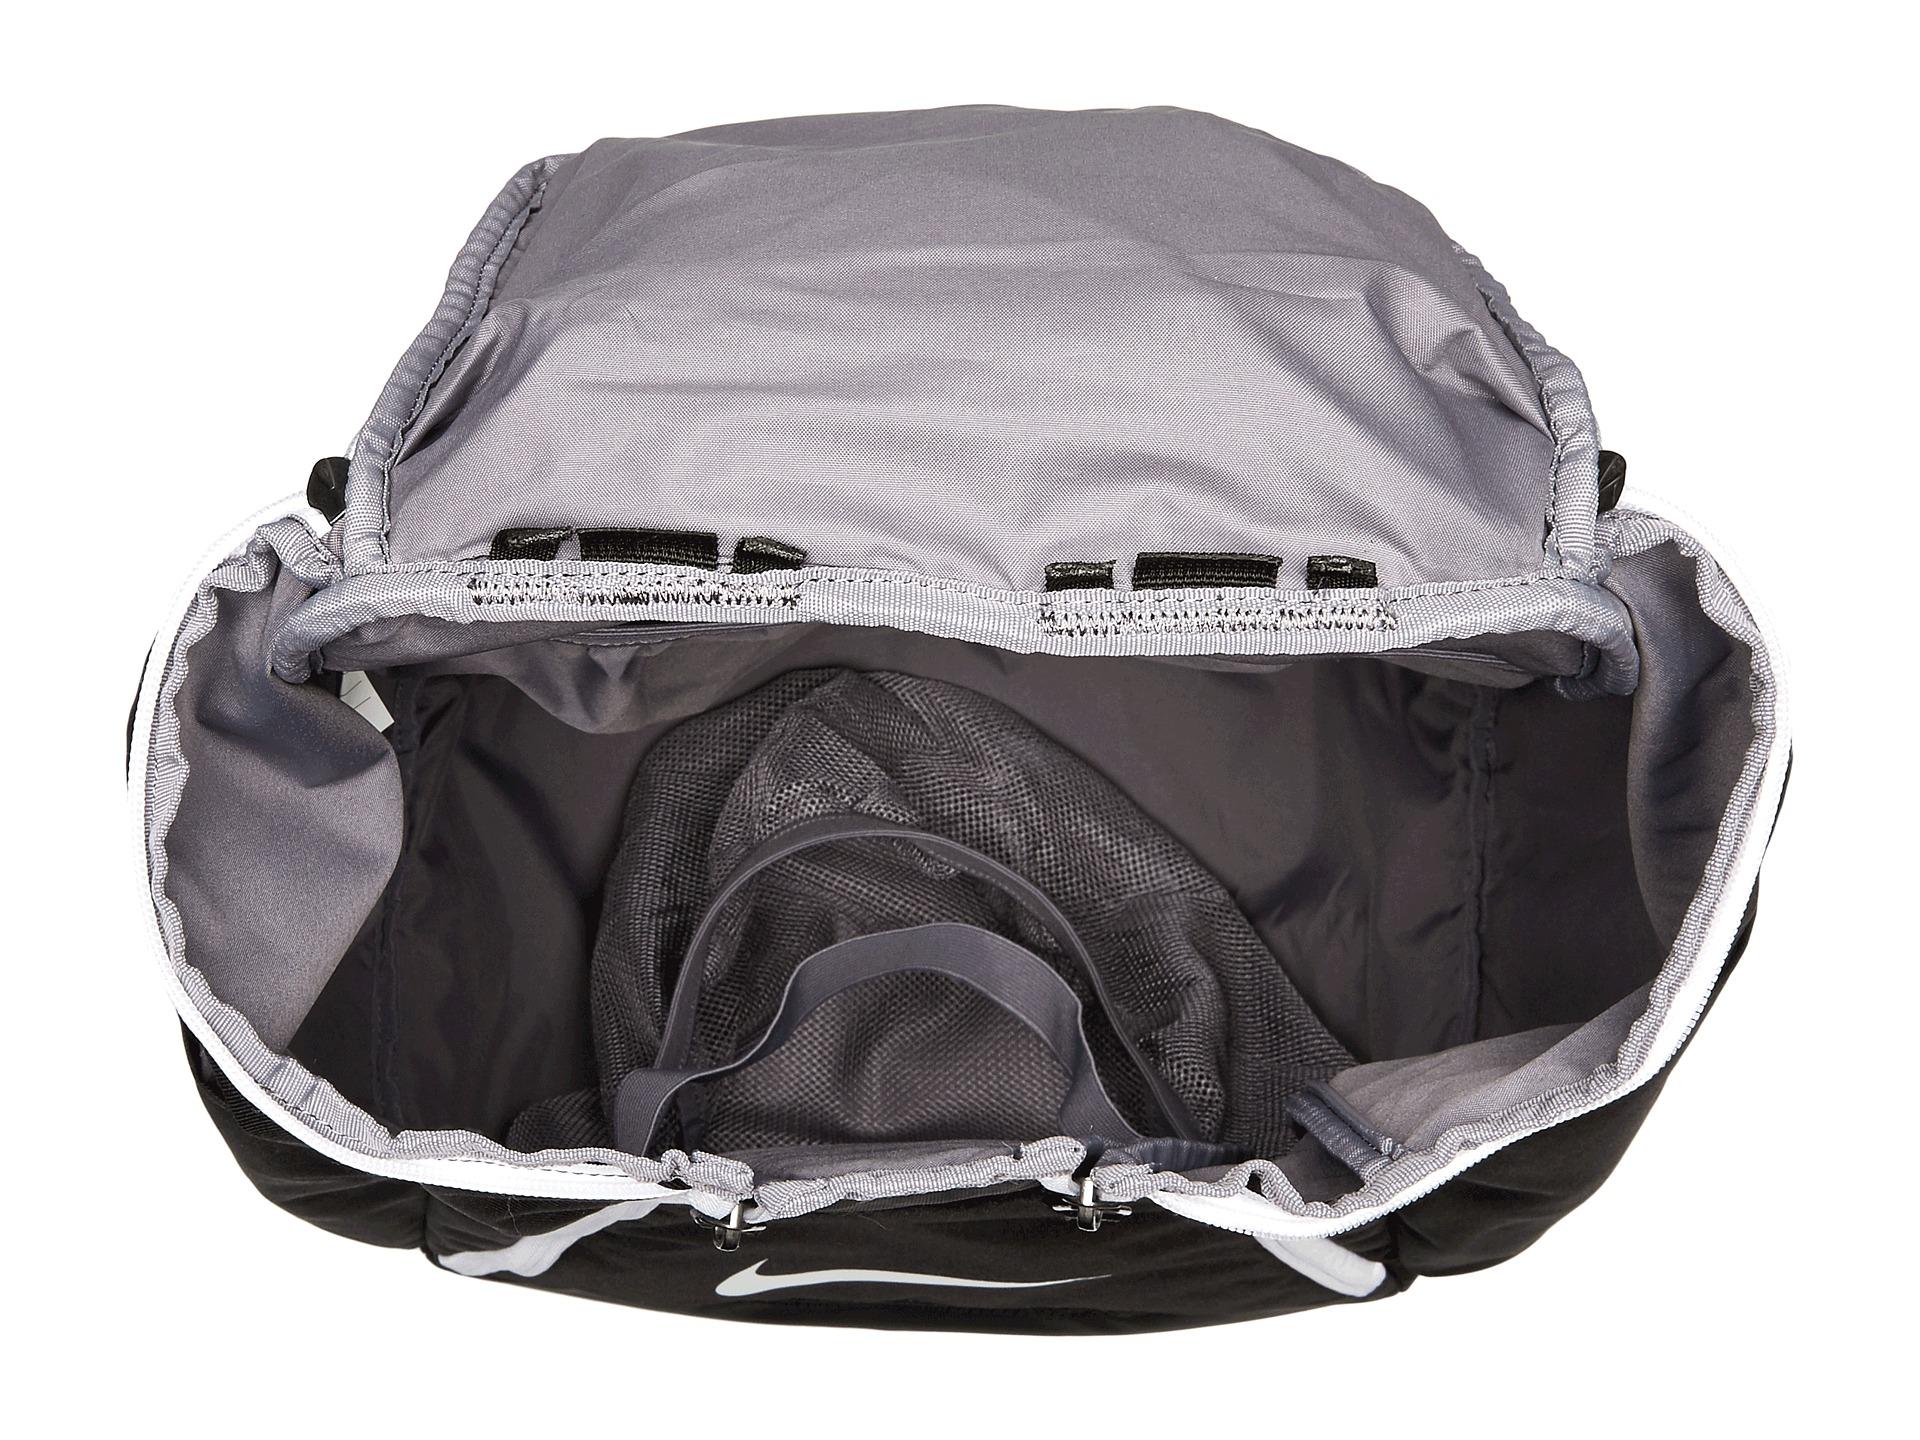 nike air max team bookbag inside